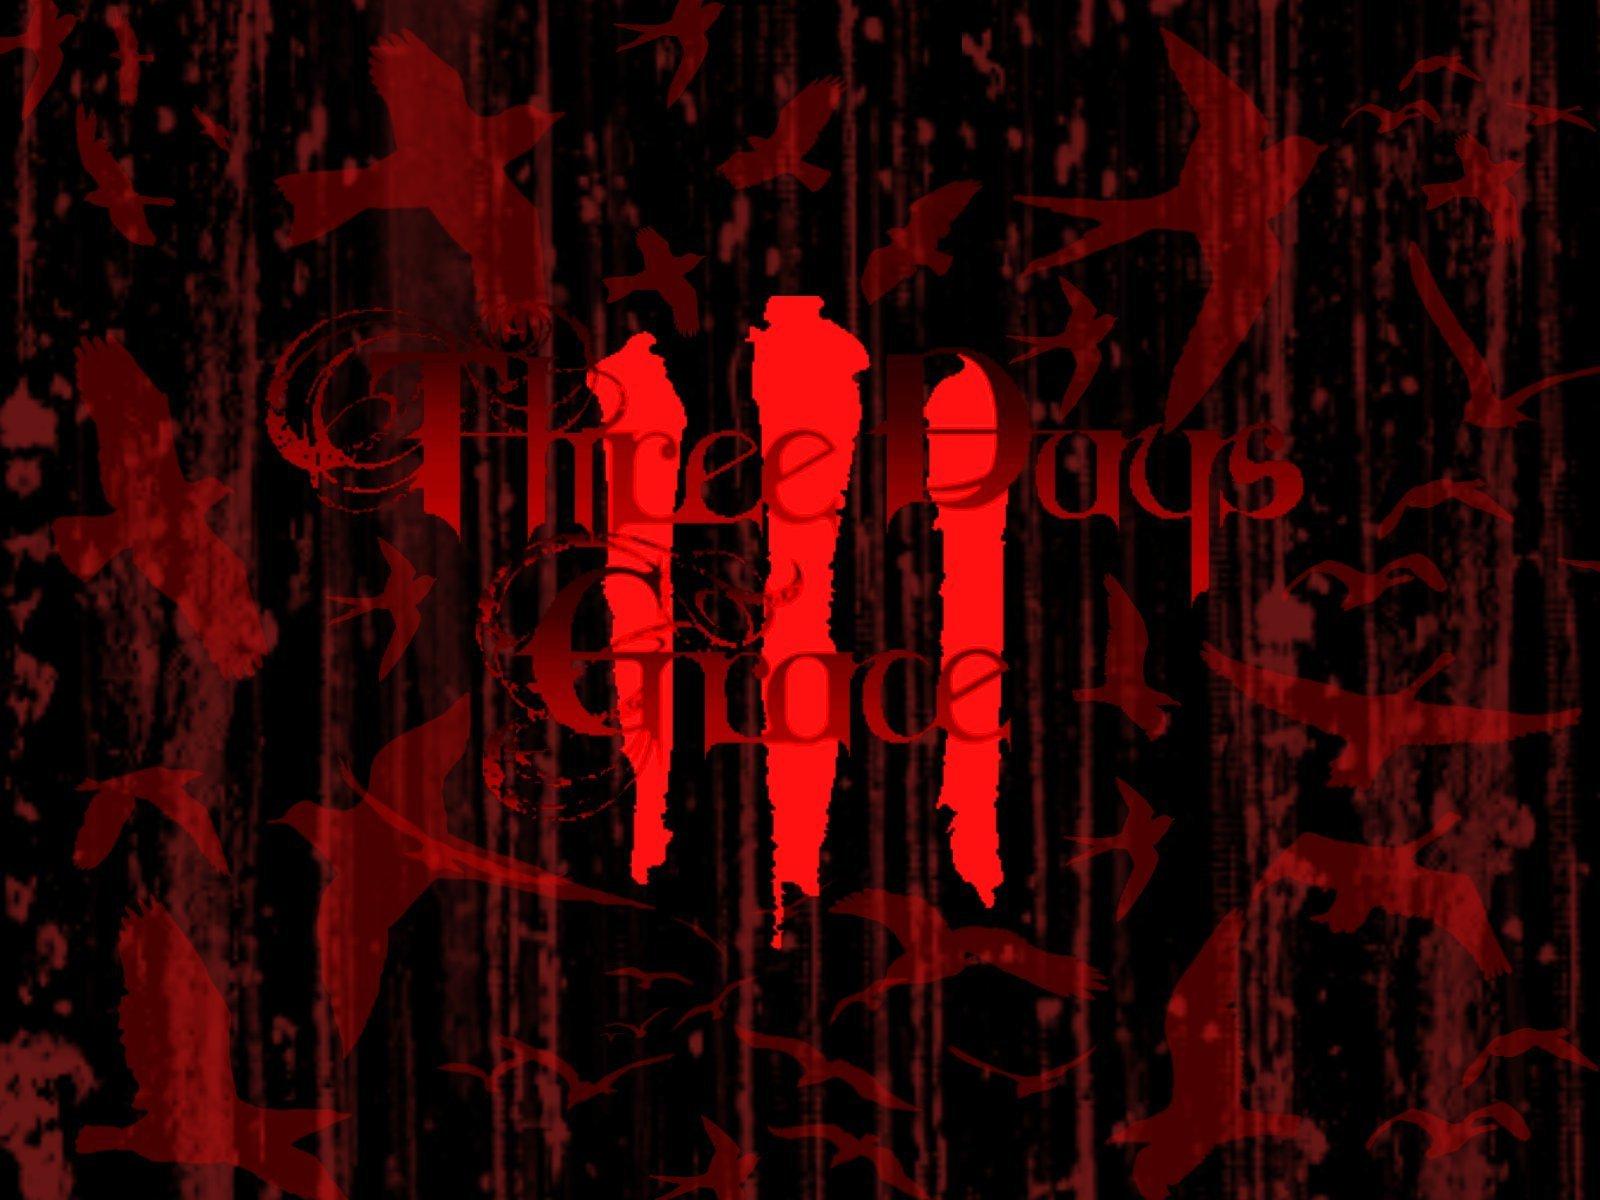 Three Days Grace   Three Days Grace Wallpaper 21765835 1600x1200